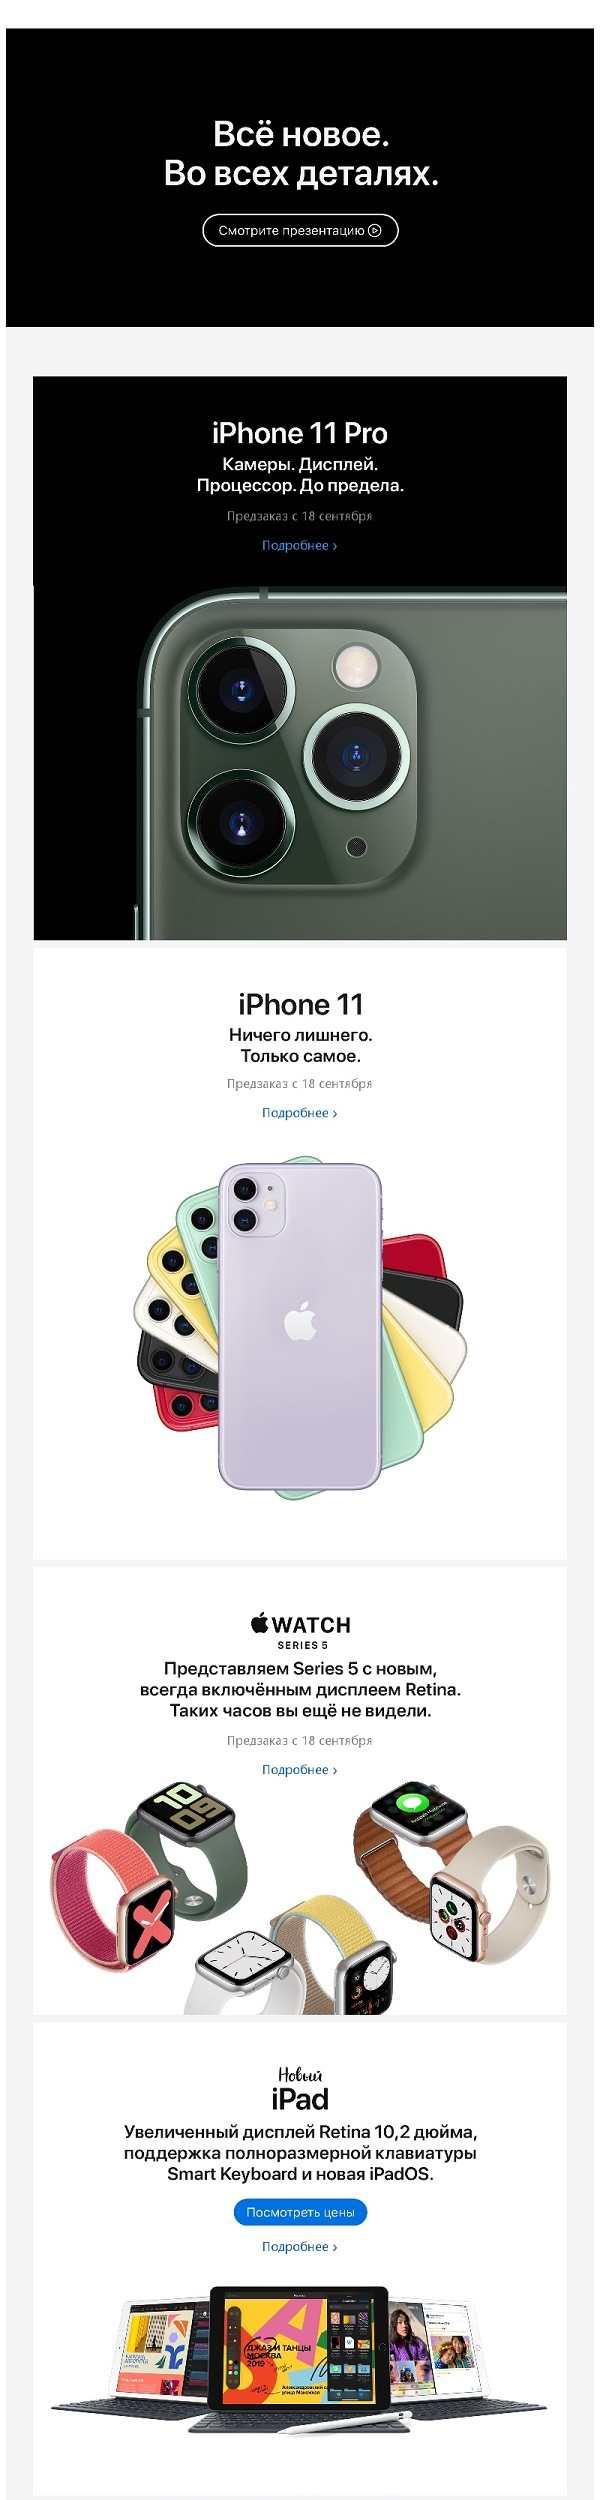 Пример рассылки от Apple